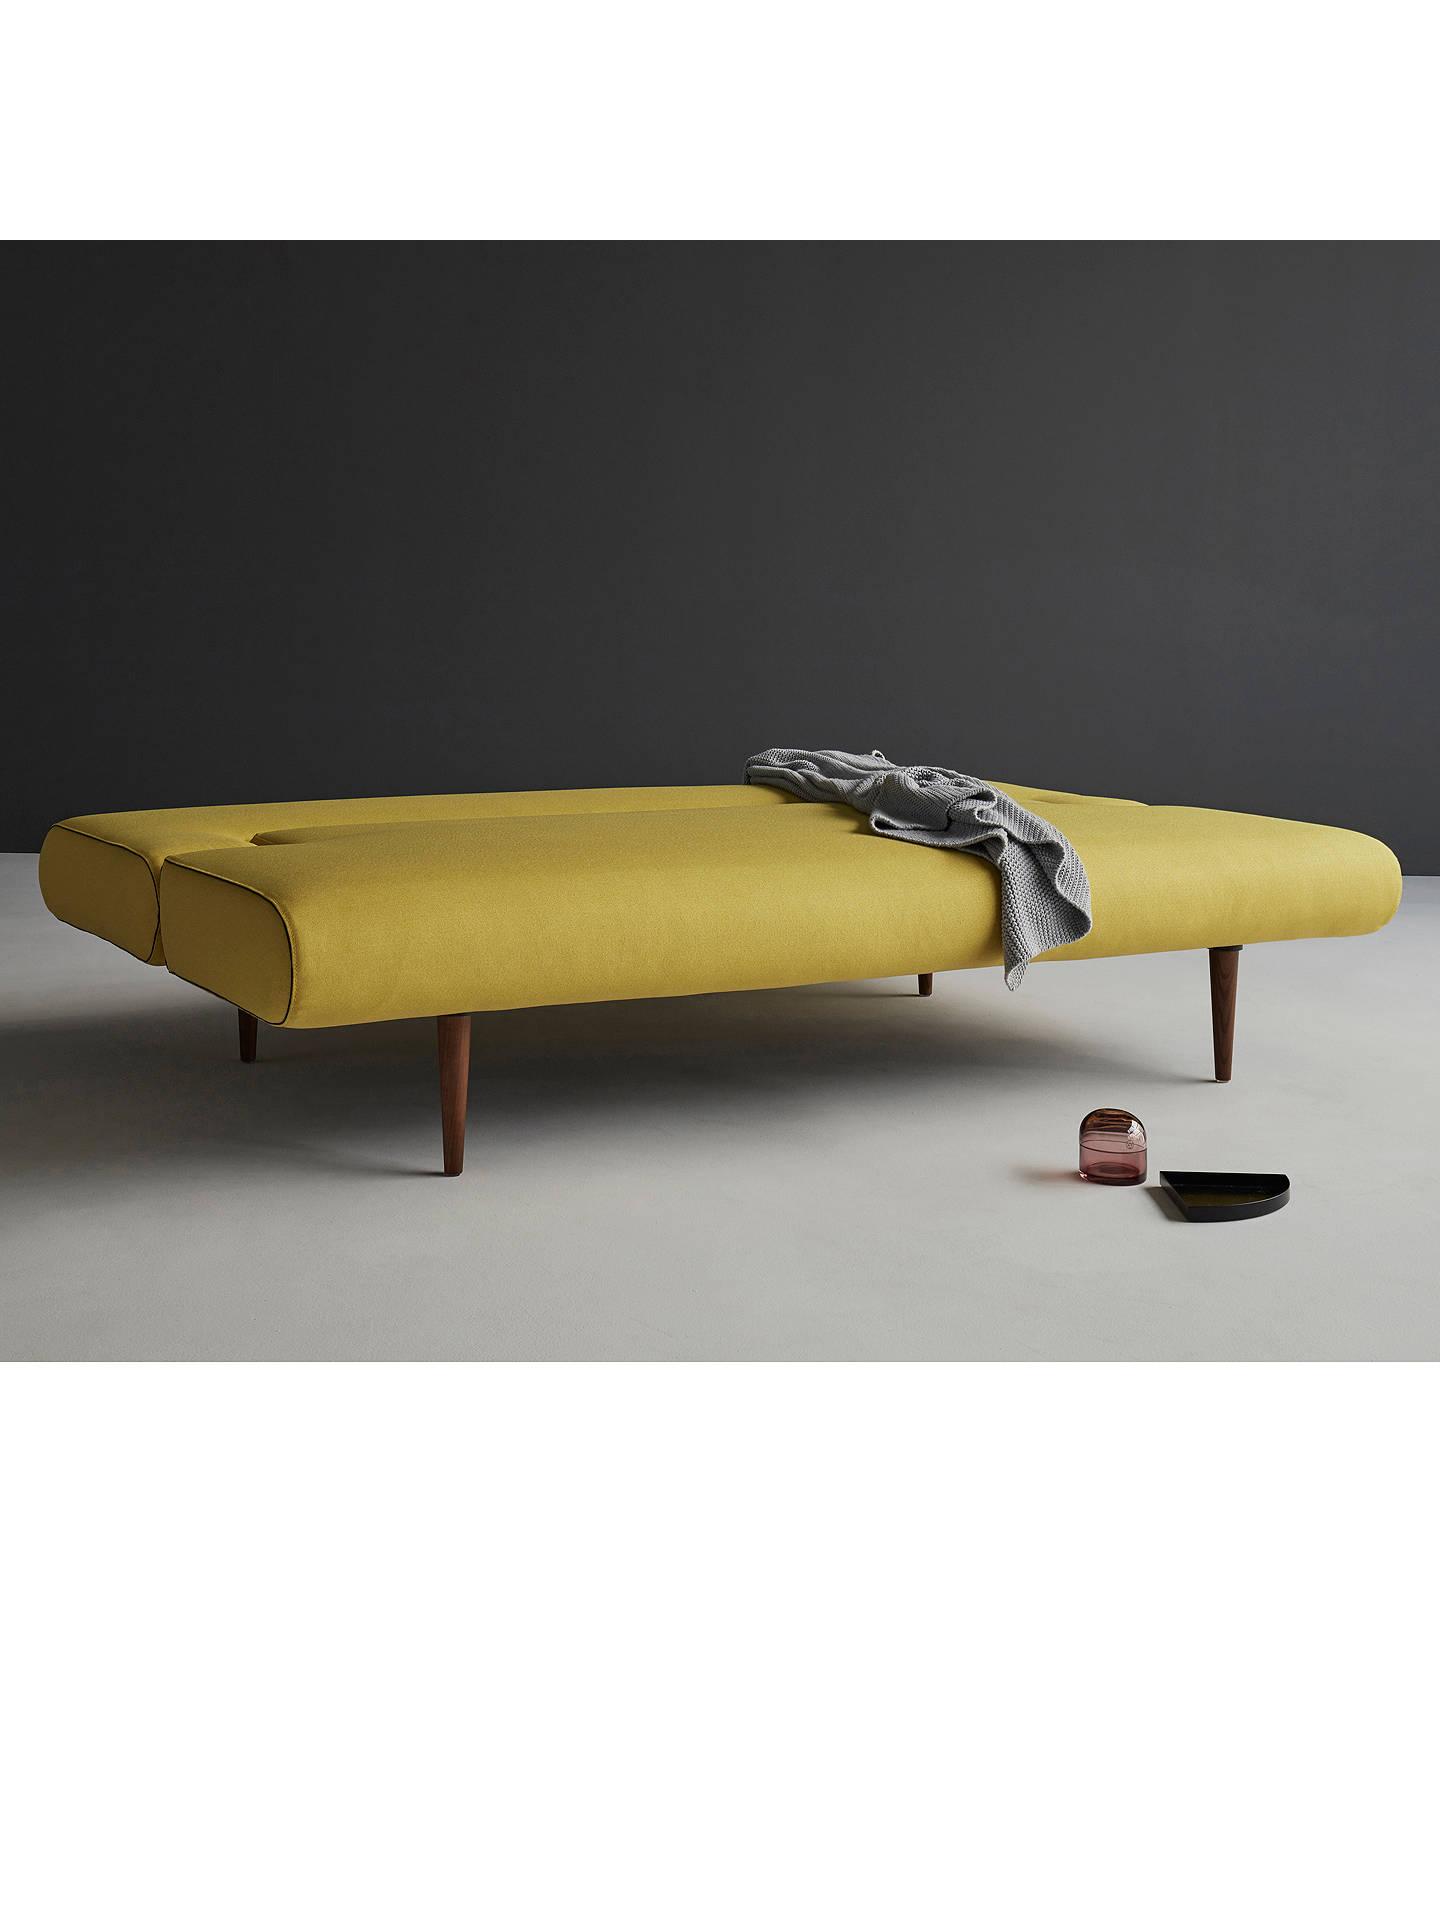 ... BuyInnovation Unfurl Sofa Bed With Pocket Sprung Mattress, Dark Leg,  Mustard Flower Online At